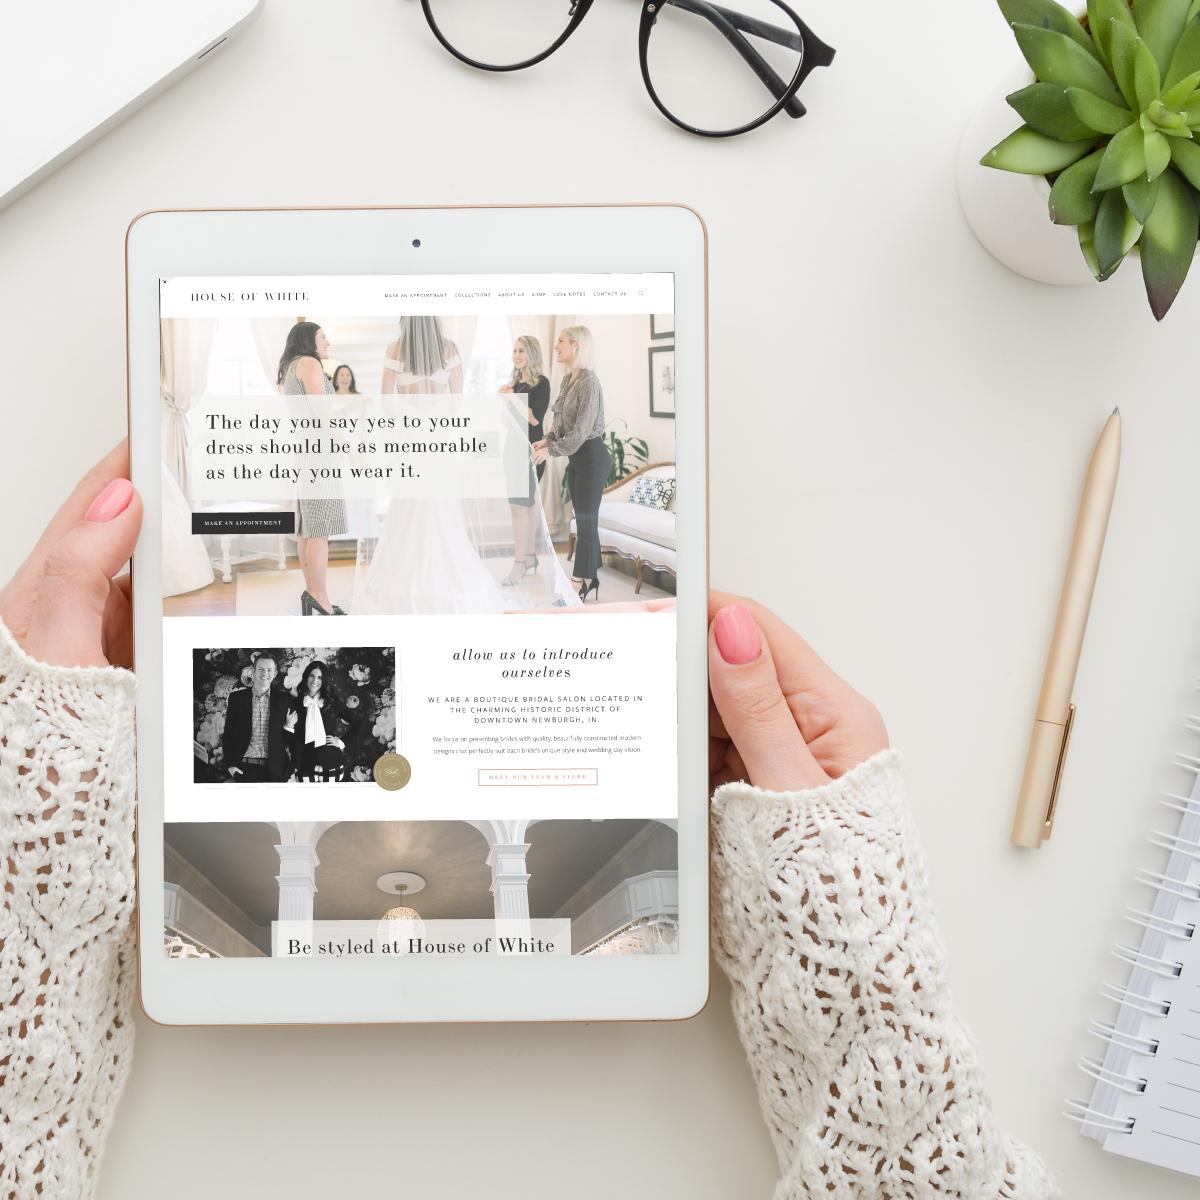 House of White Bridal • website design